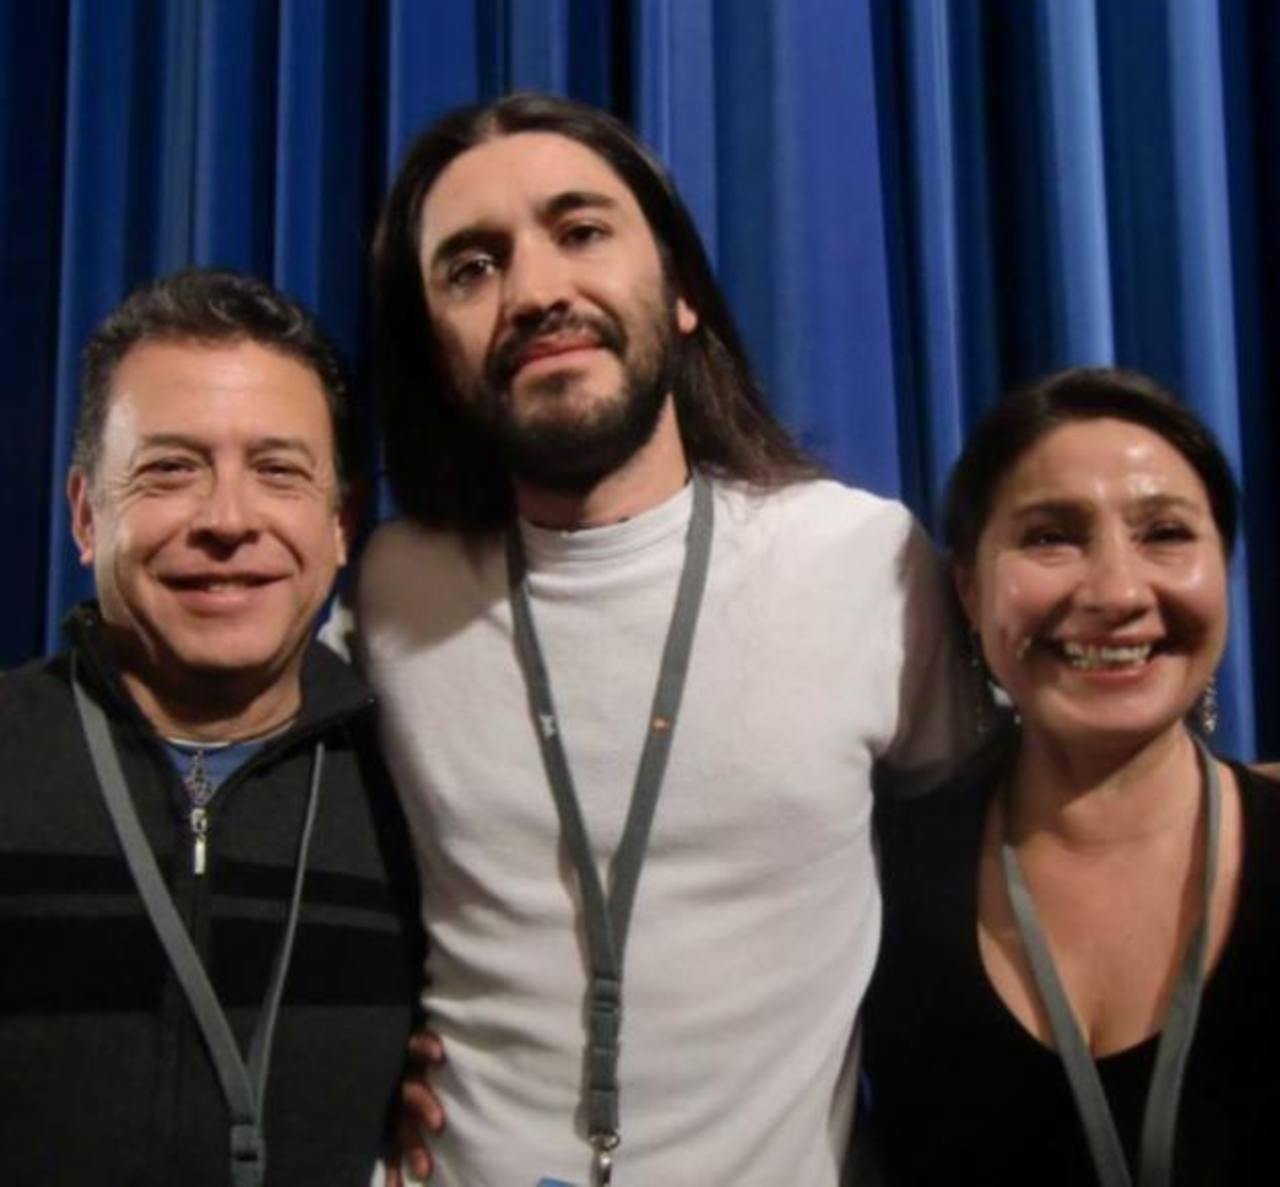 El director de origen salvadoreño y nacionalizado mexicano, José Luis Valle al centro de la fotografía.